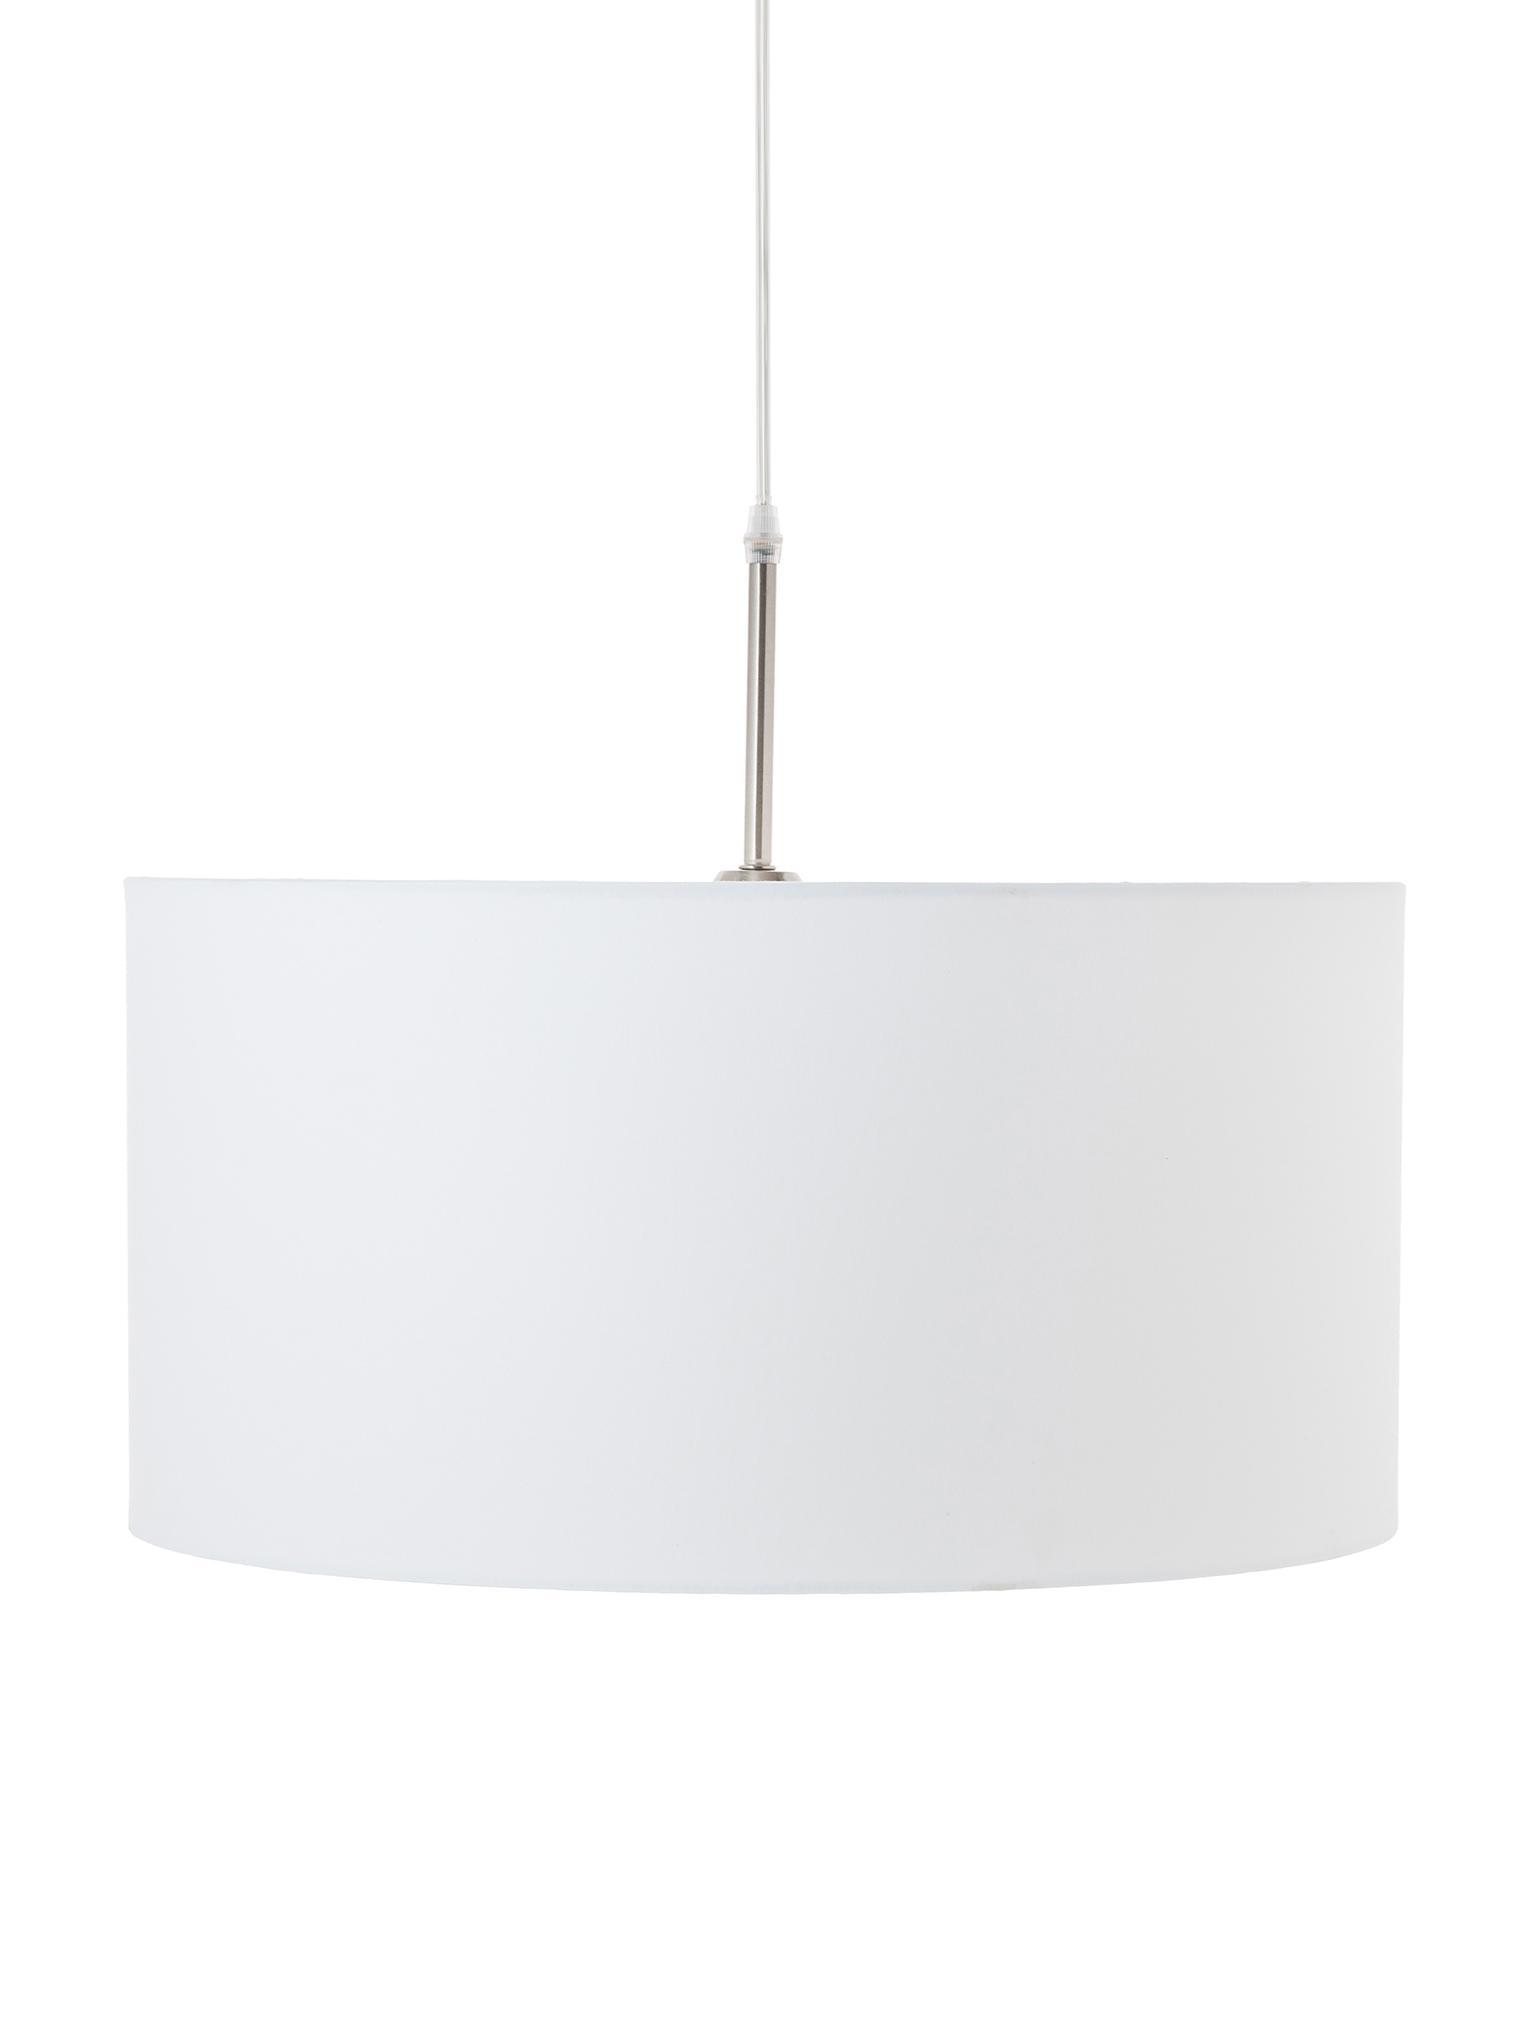 Lampada a sospensione in cotone Blank, Paralume: miscela di cotone, Baldacchino: metallo nichelato, Bianco, Ø 50 x Alt. 25 cm